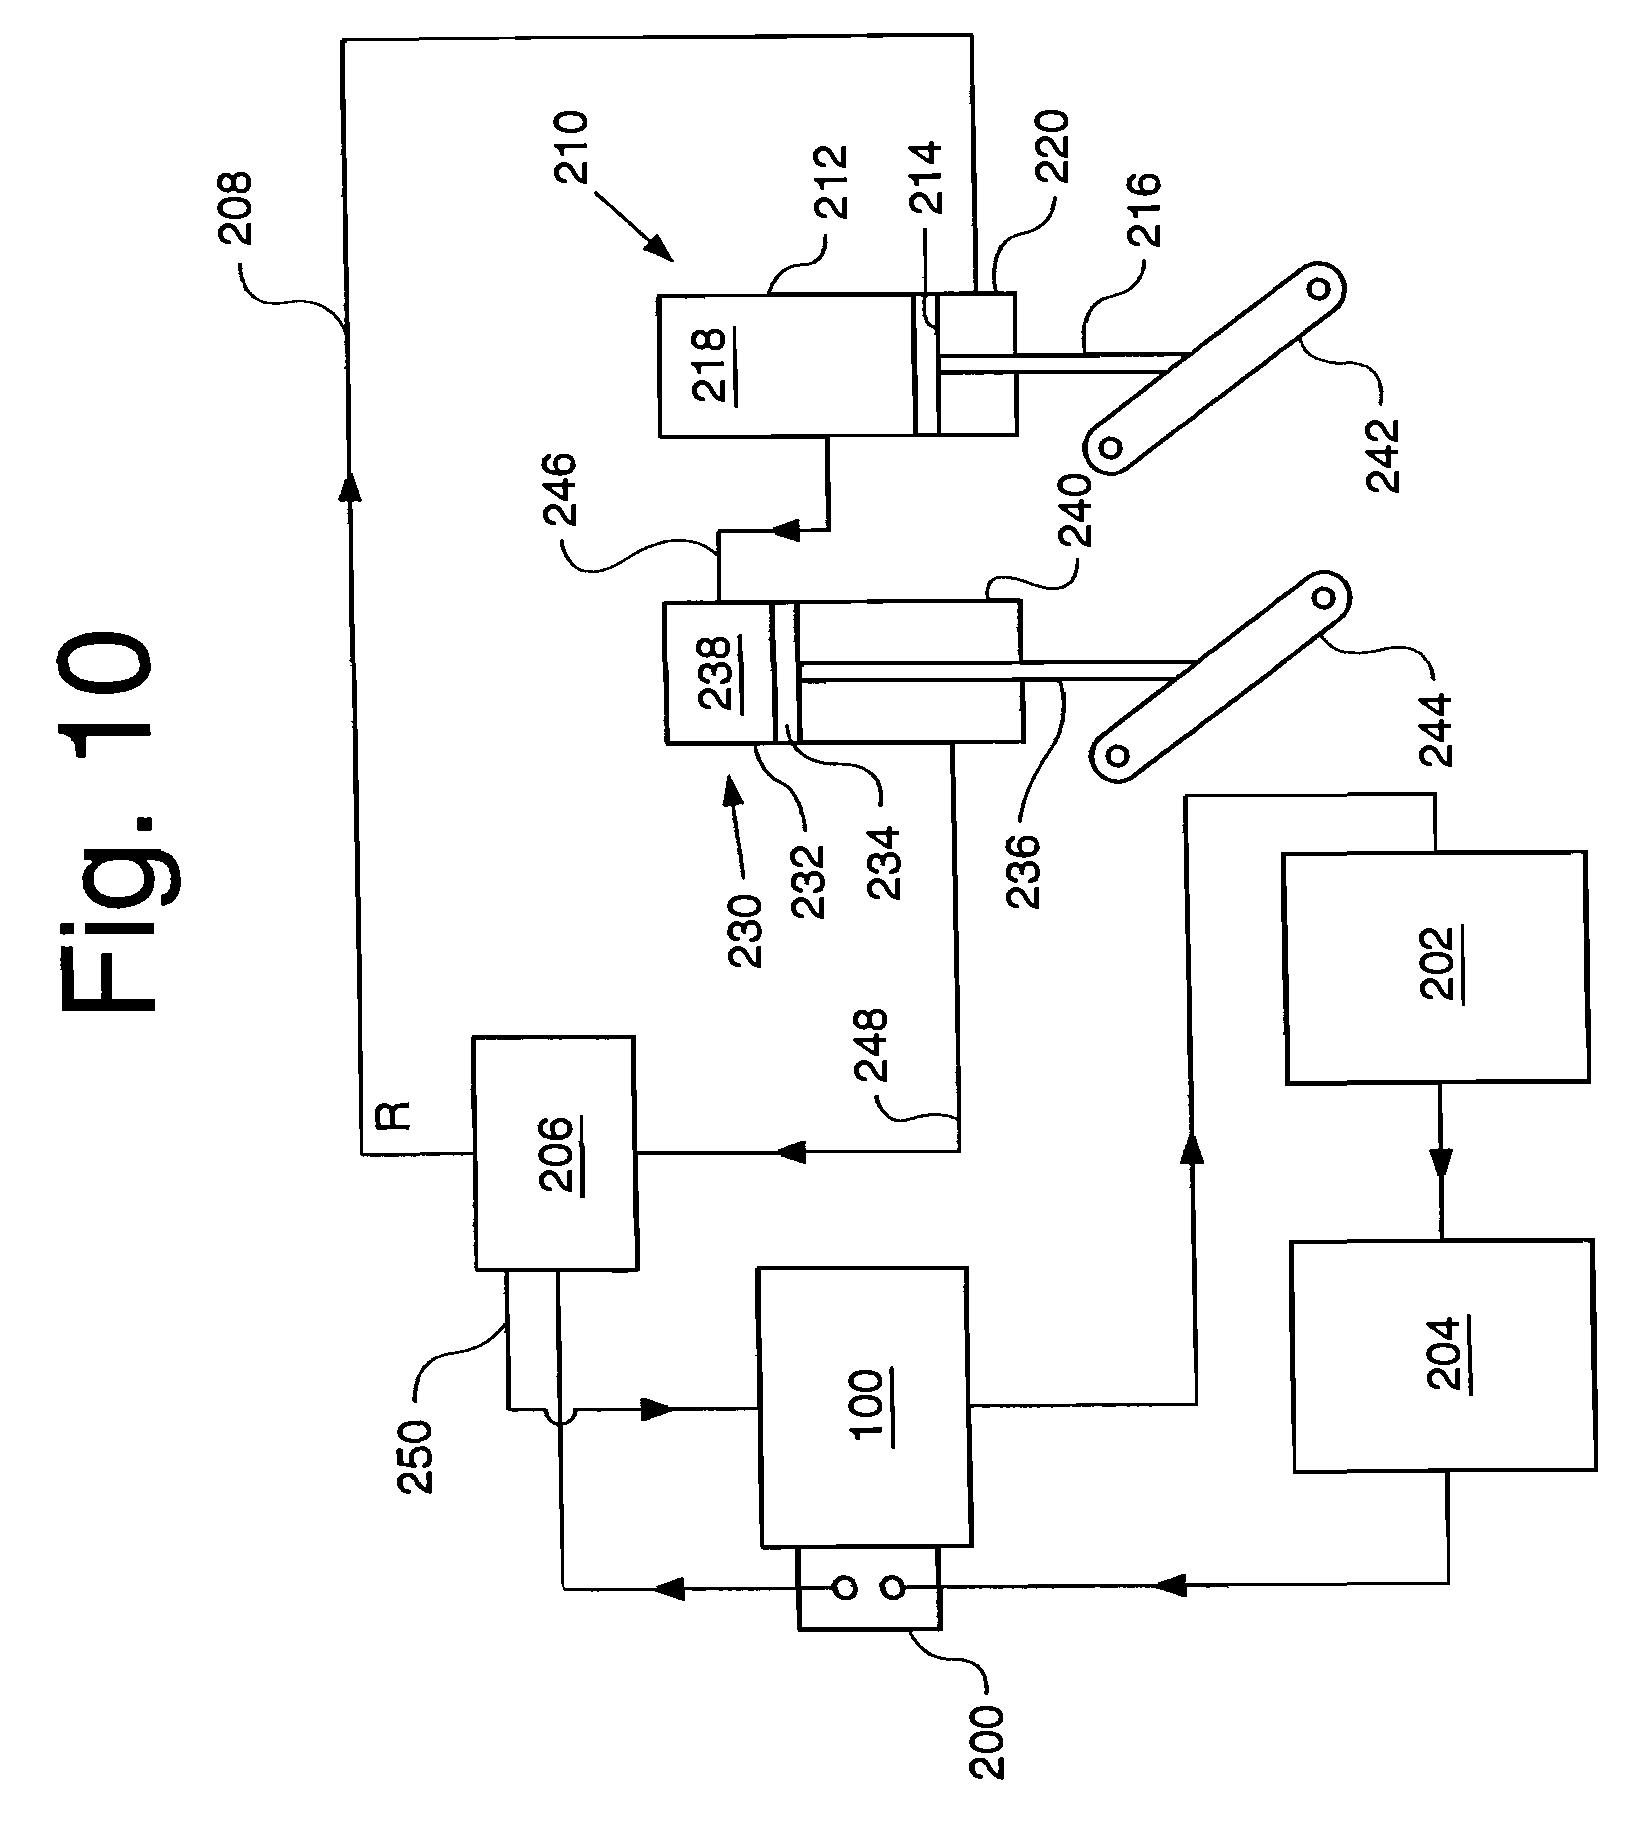 hight resolution of roketa atv wiring diagram 12 diagram auto wiring diagram